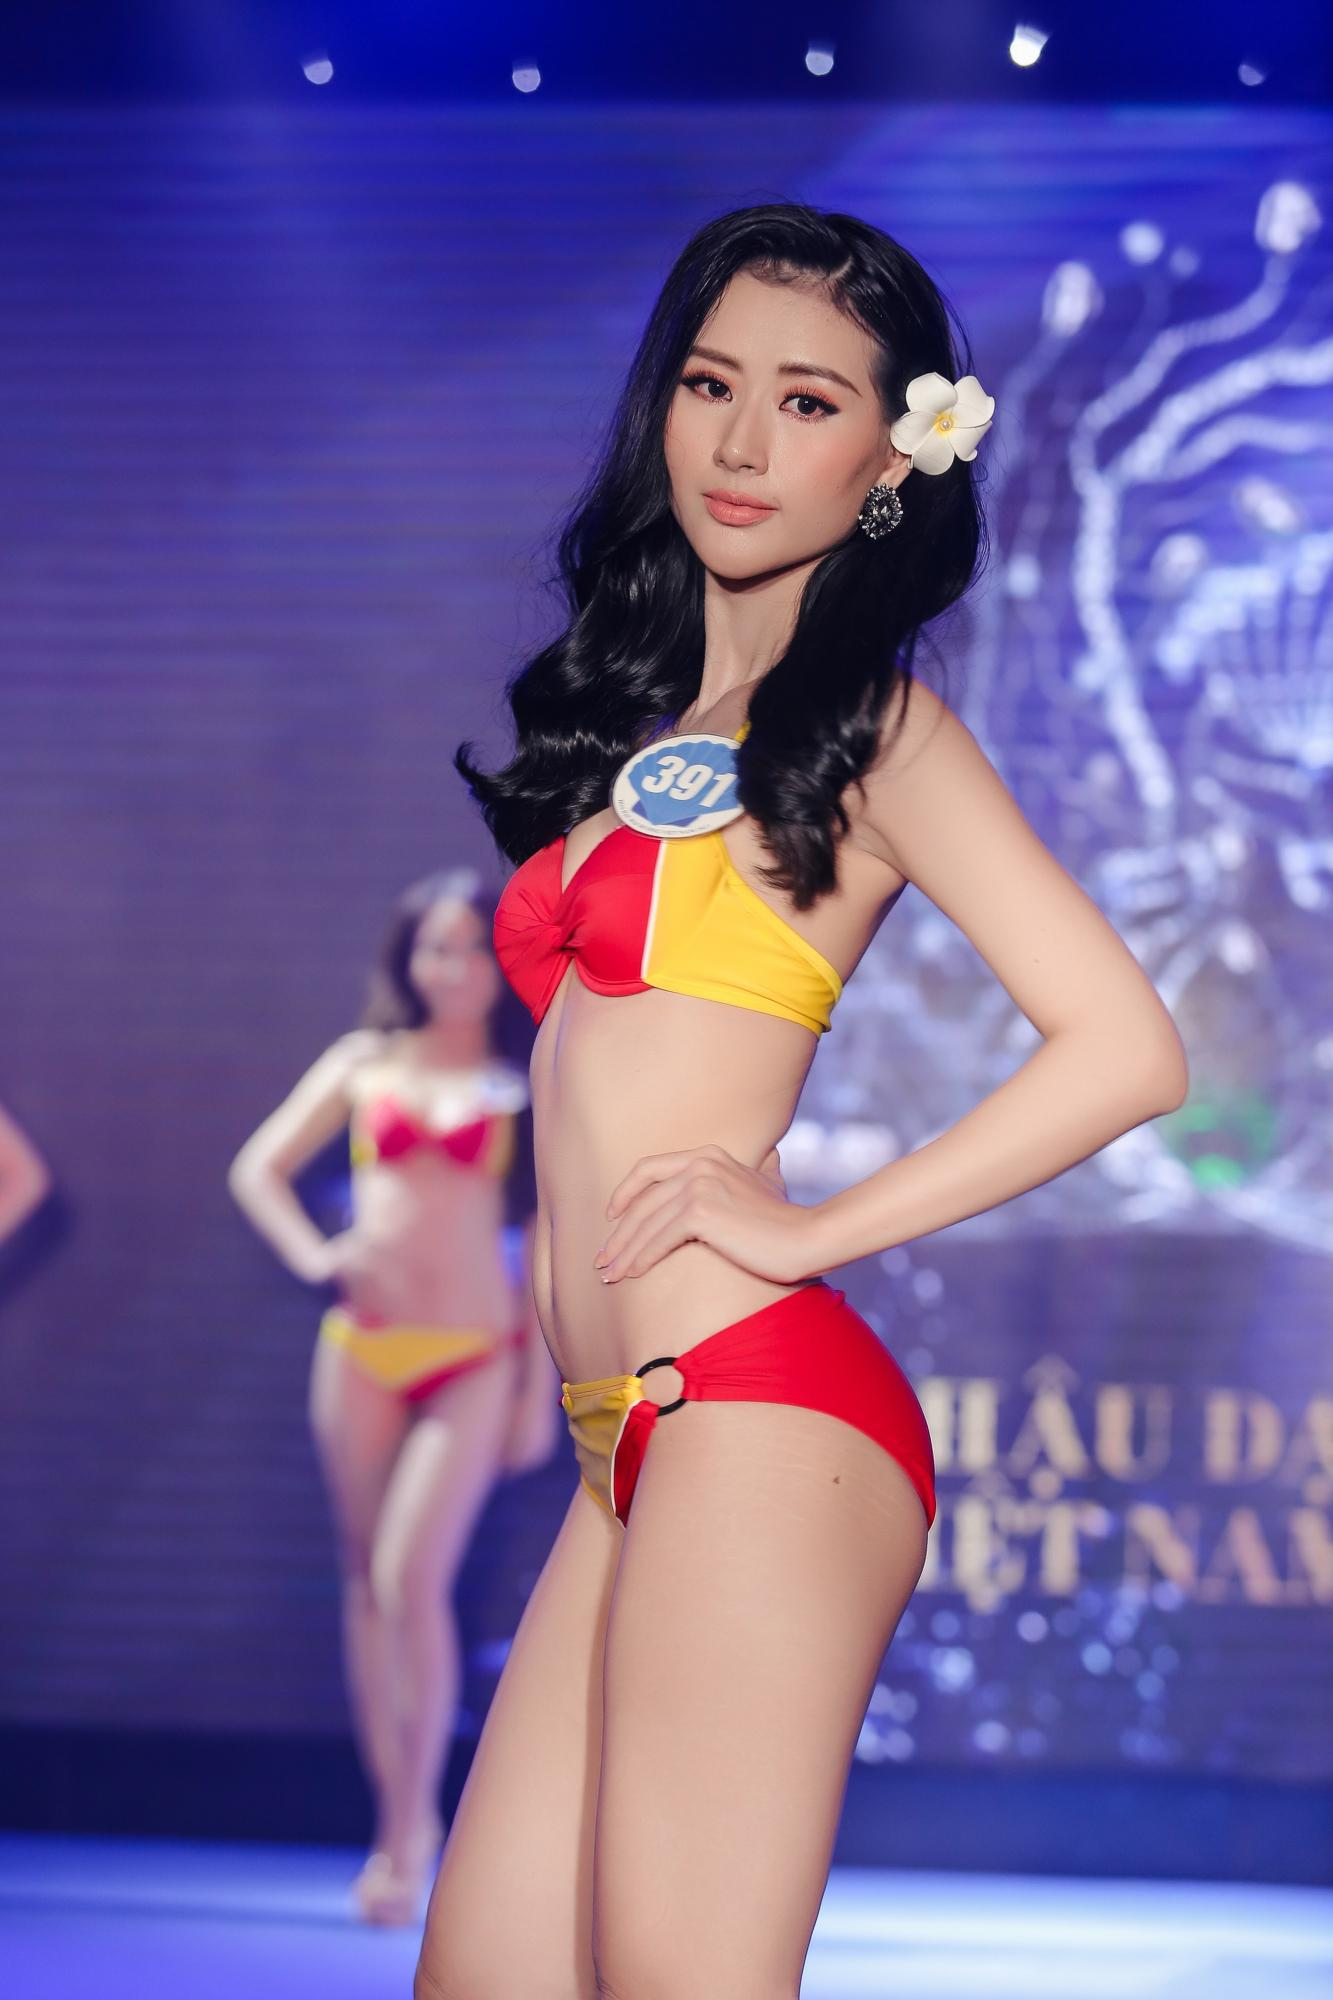 Vừa rời Hoa hậu Hoàn vũ, cô gái mê tiền tự tin khoe hình thể tại Hoa hậu Đại Dương 2017-4